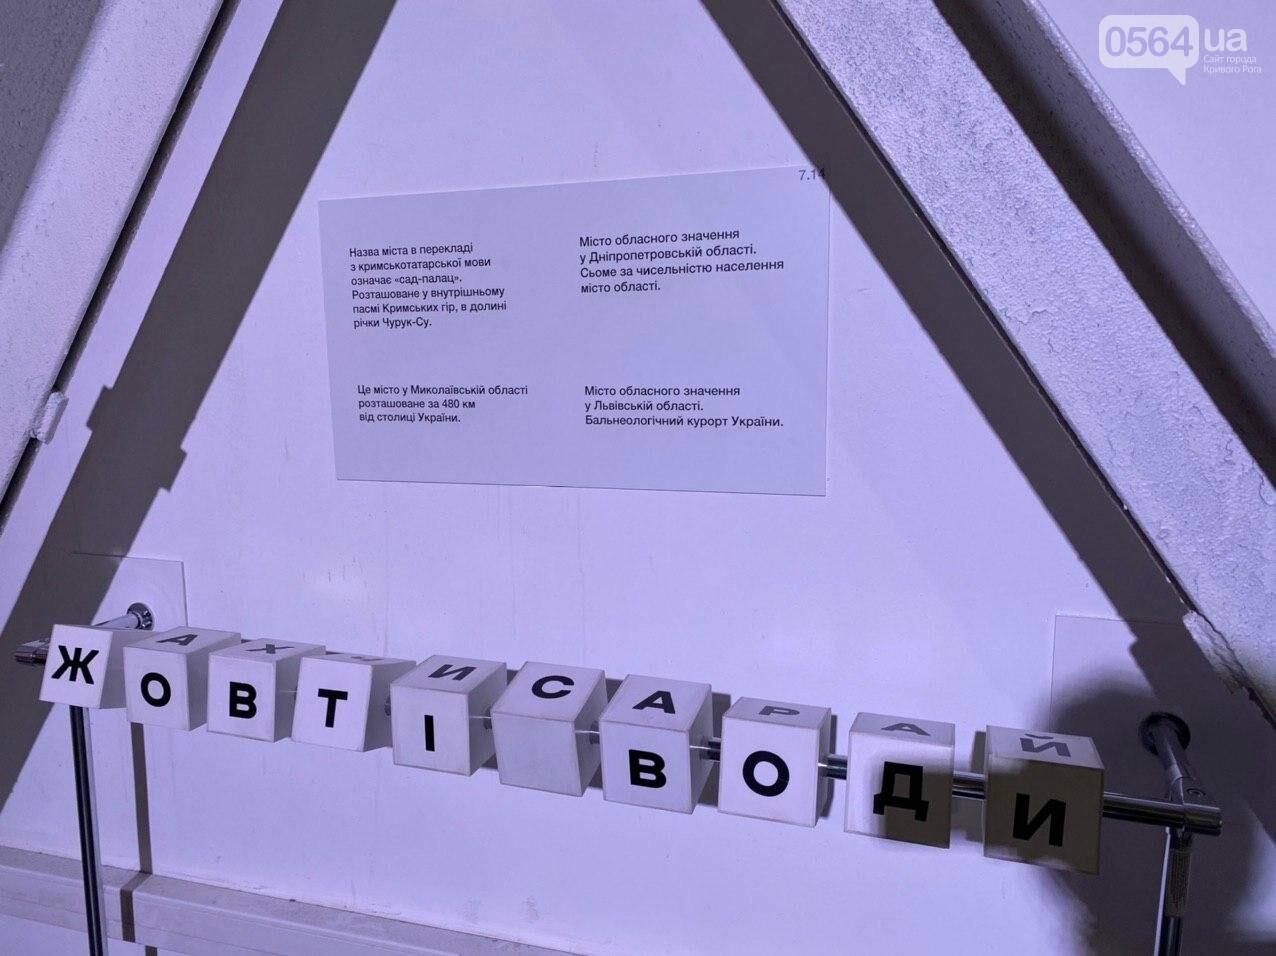 Ukraine WOW: что можно было узнать о Кривом Роге на интерактивной выставке, - ФОТО , фото-138